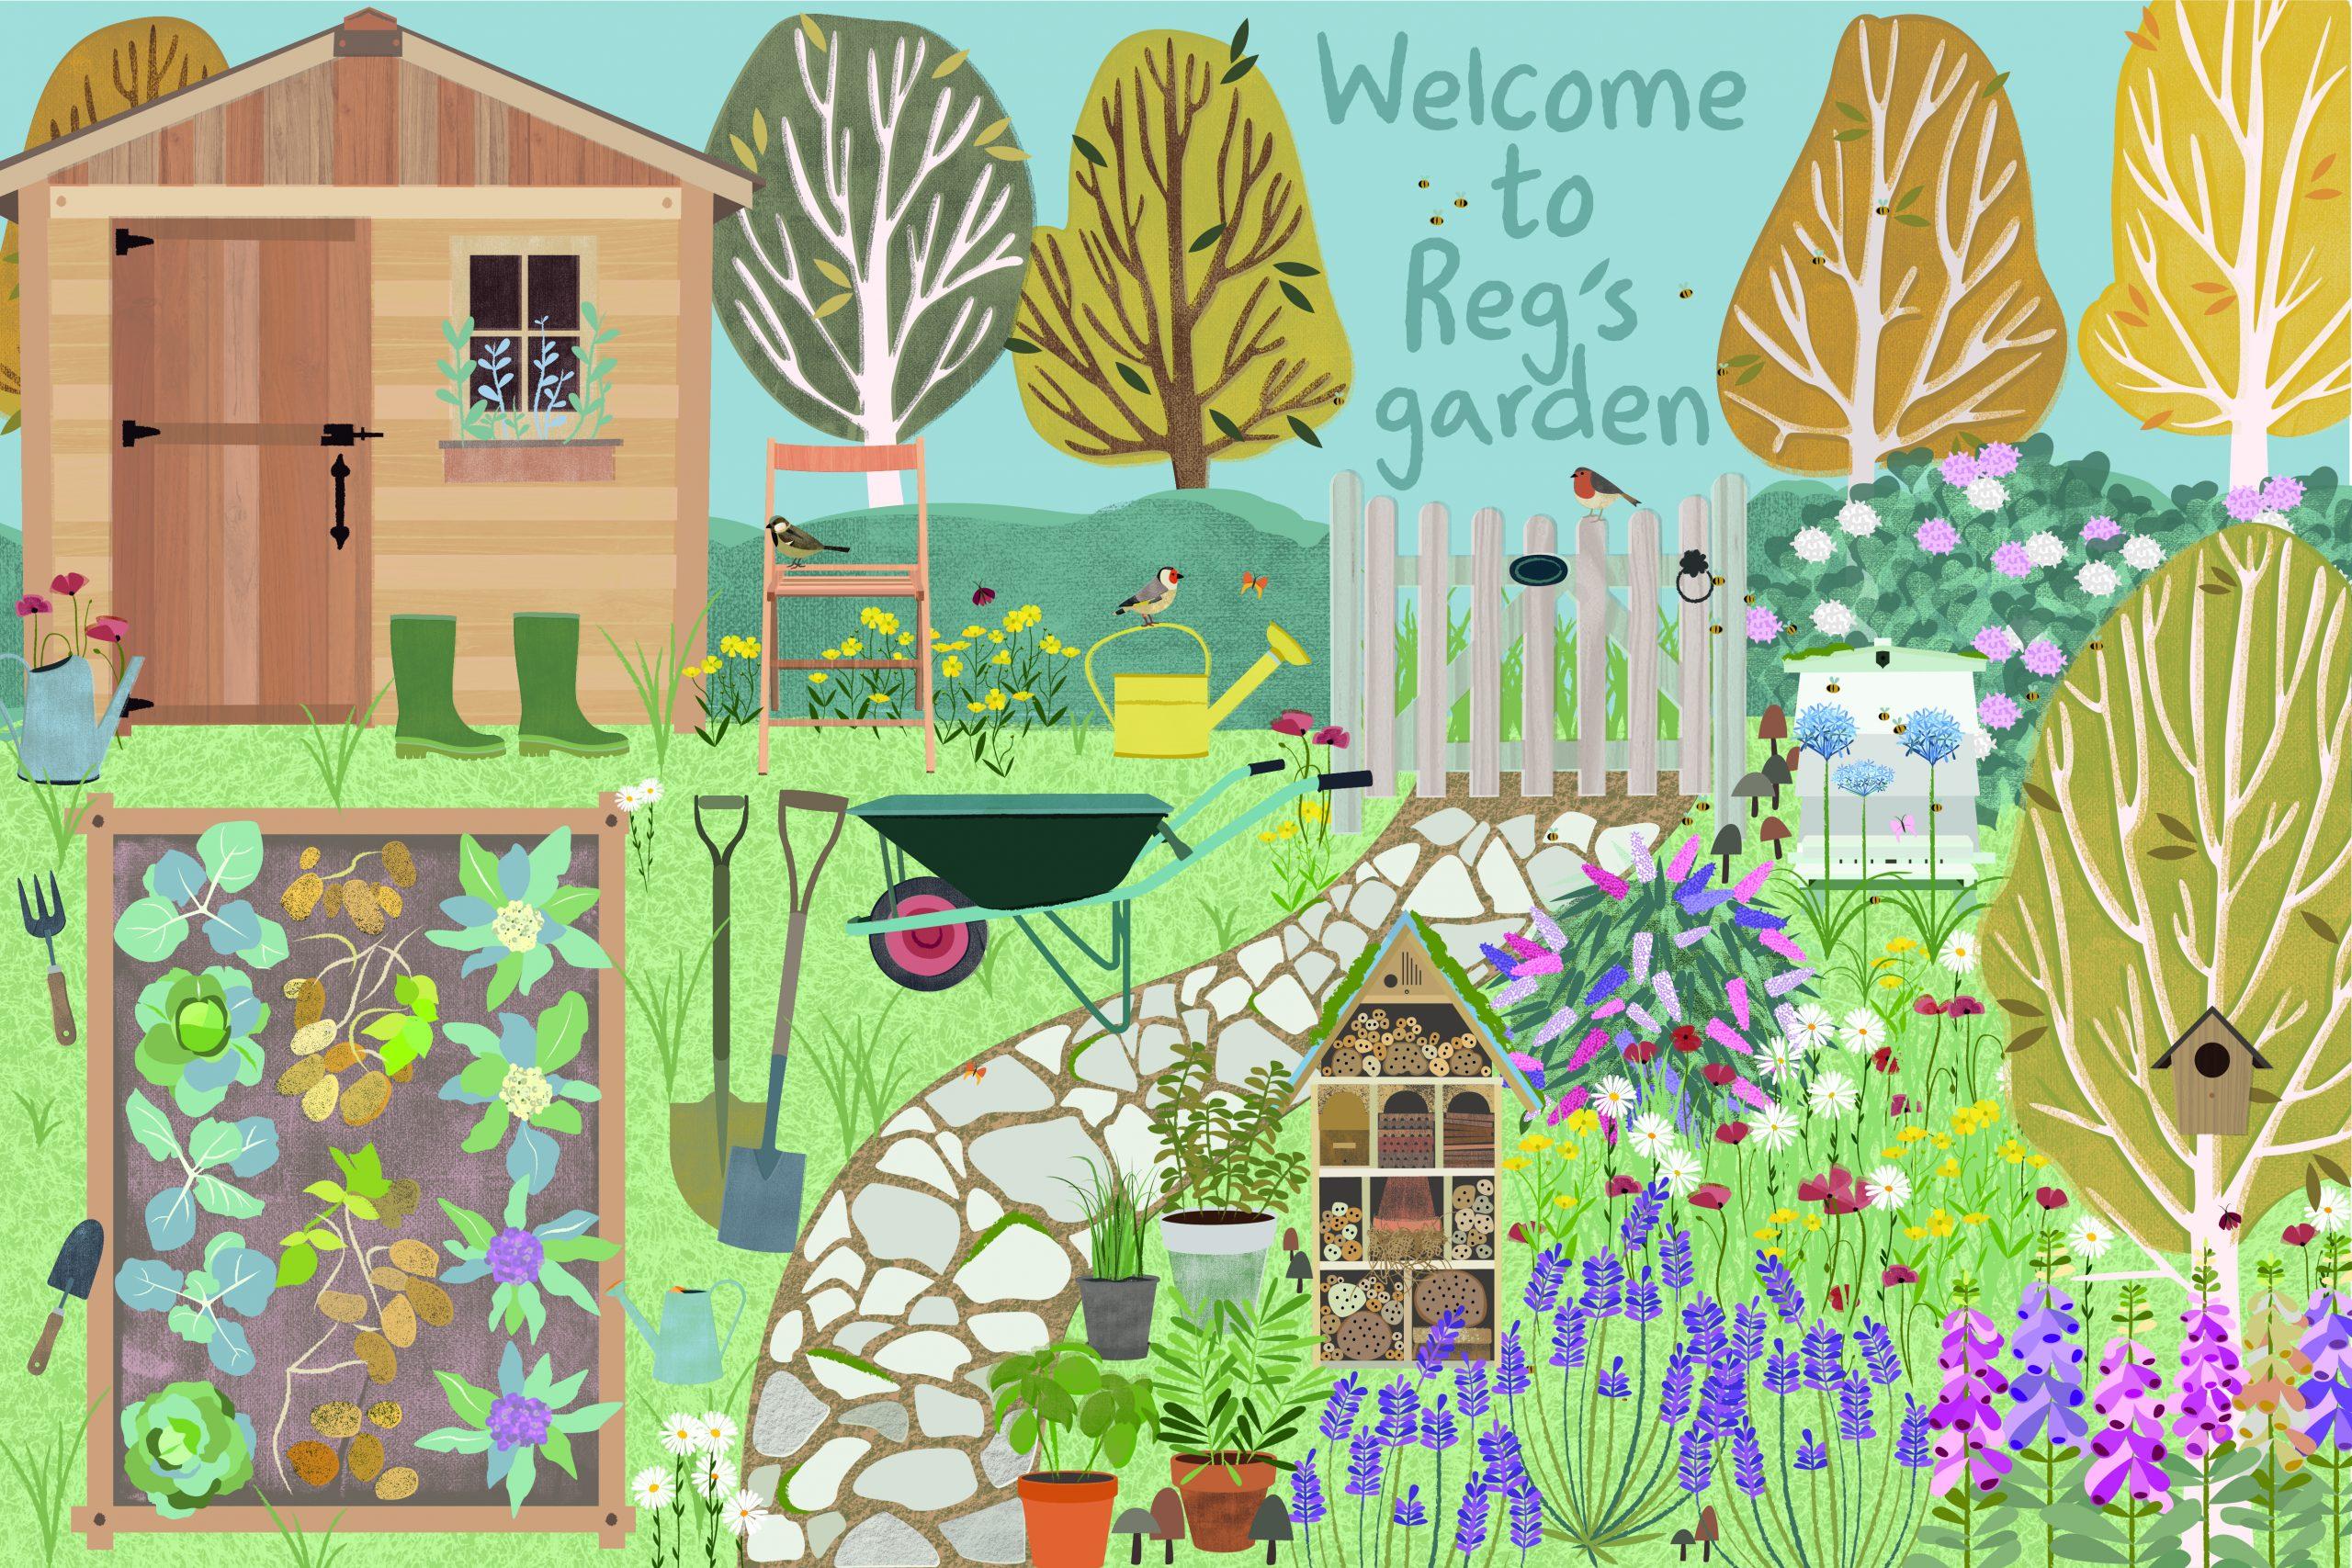 Reg's Garden is officially opened on September 13th